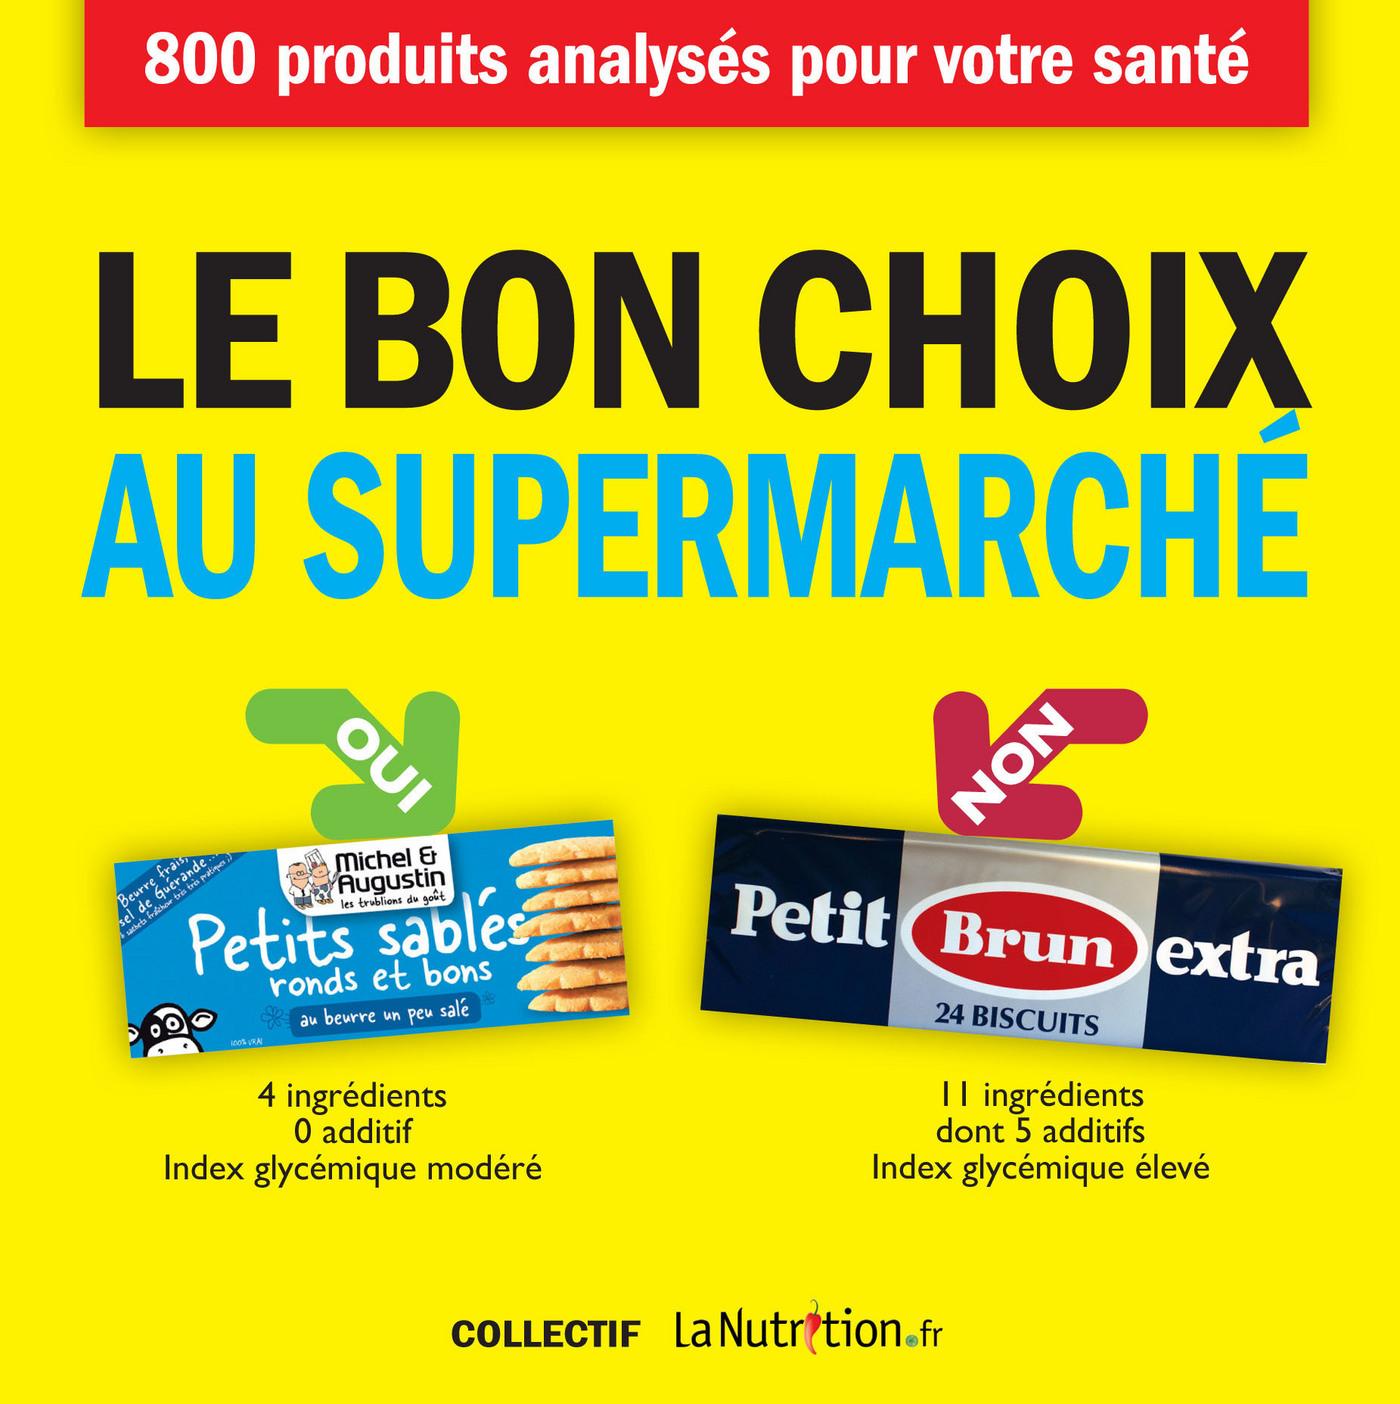 Le Bon Choix au supermarch?